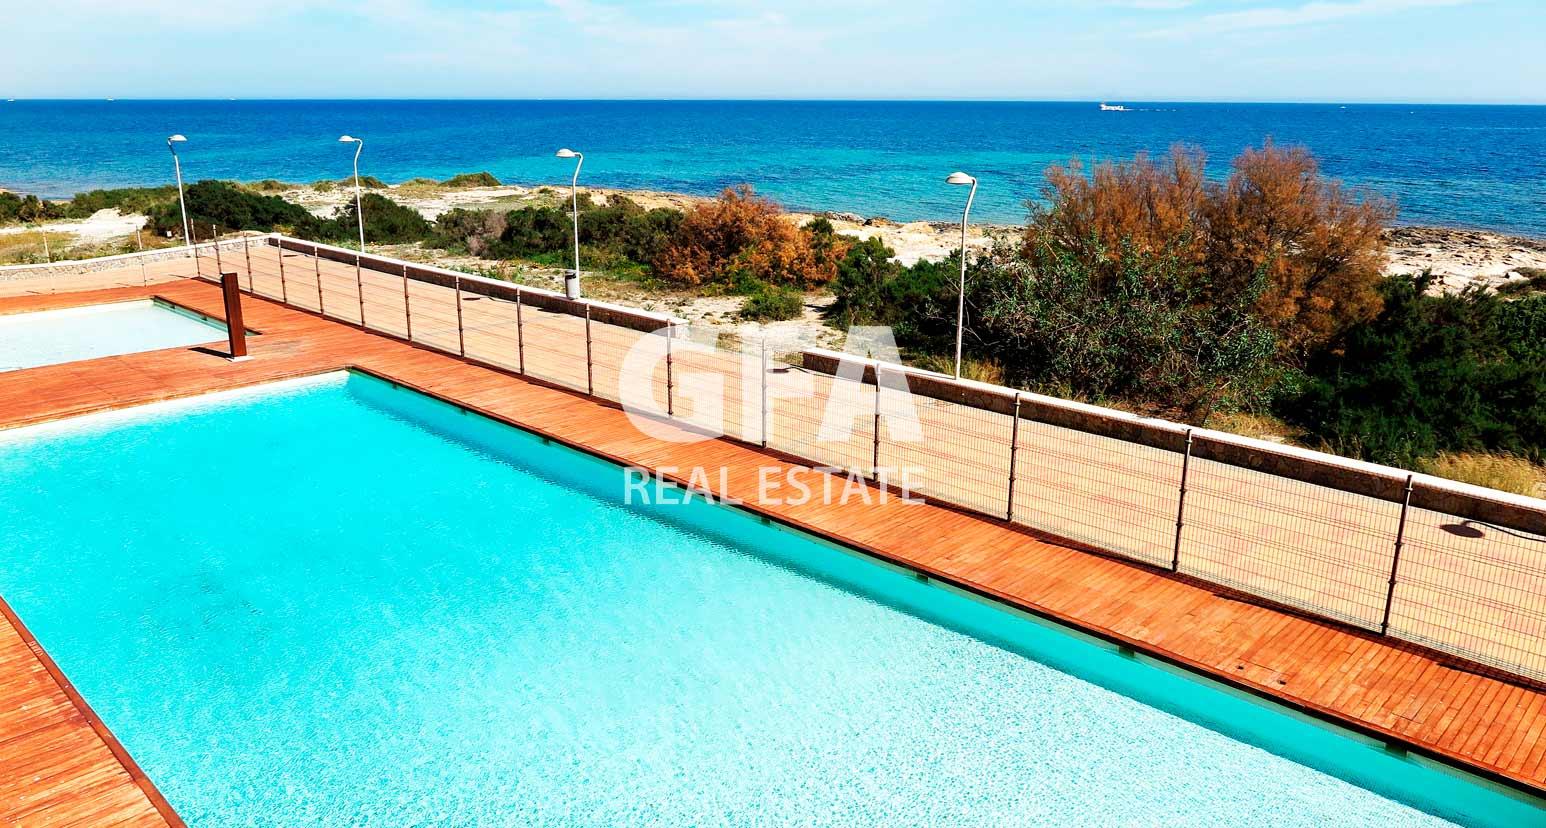 apartamento-venta-la-manga-piscina